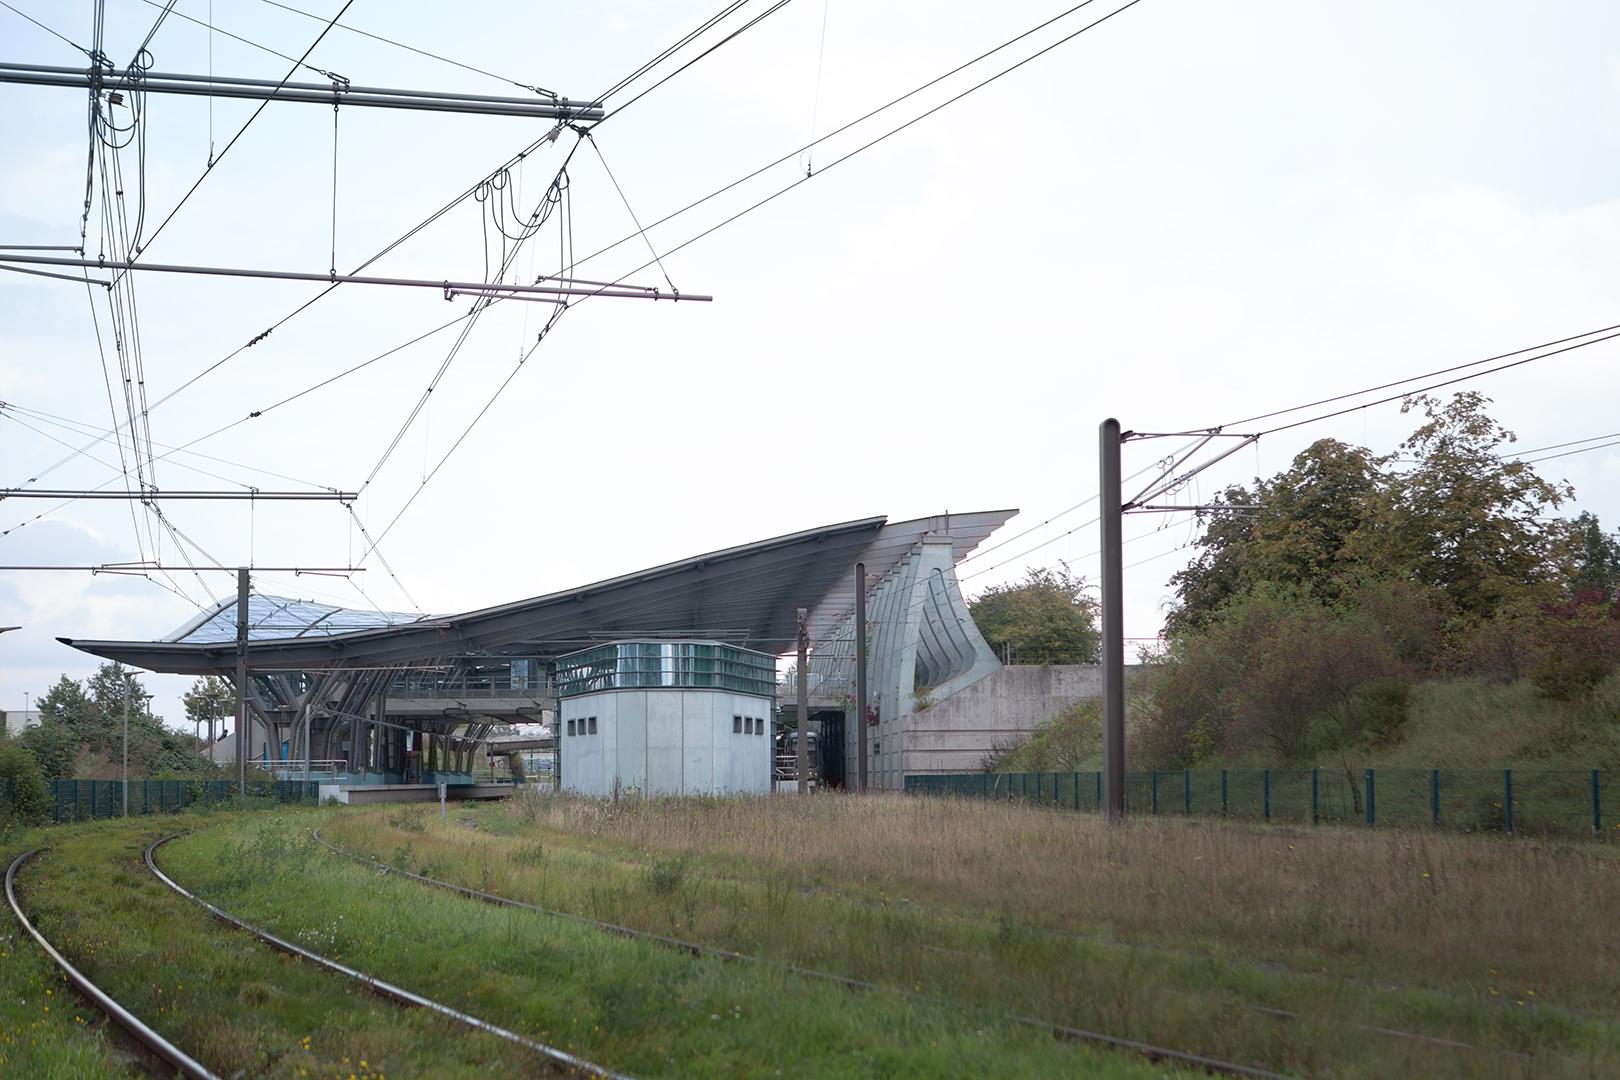 Mit der Straßenbahn in die Stadt braucht es ca. 30 min. Die Bahn schlängelt sich ihren Weg durch Hannover und trägt dich alle zehn Minuten wohin du willst.